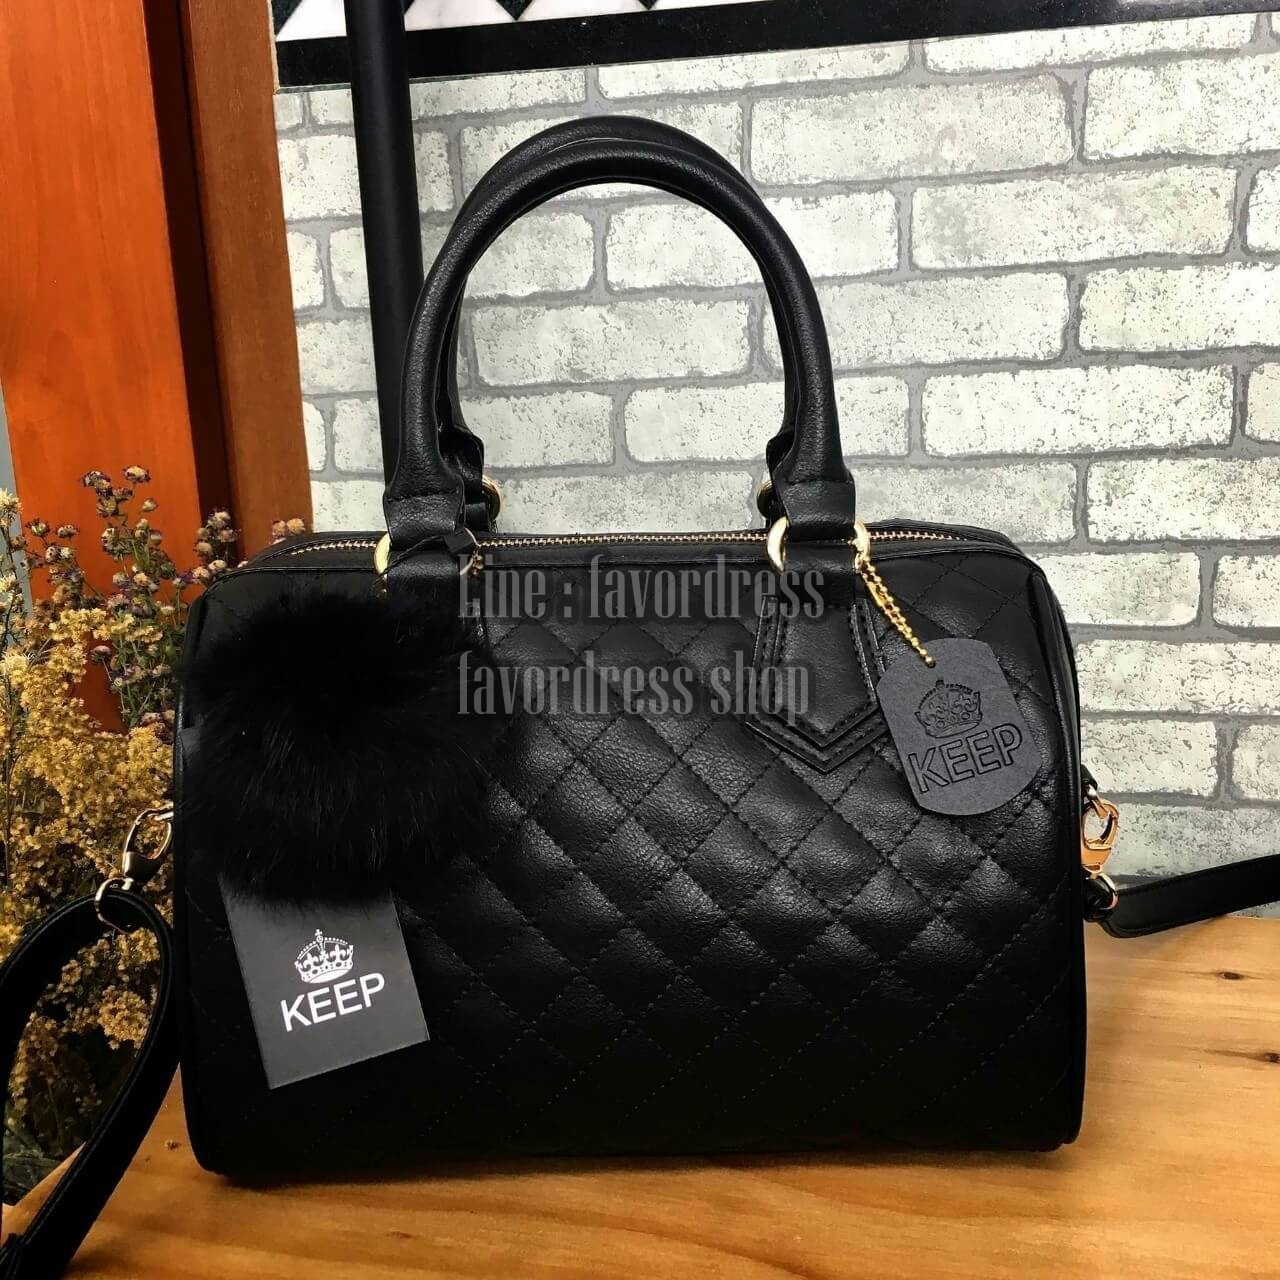 นใหม่ล่าสุด ขนาด มินิ หนังแกะสวยมากค่ะ สีเข้าใหม่ >> สี classy black รุ่น KEEP quited leather Pillow bag